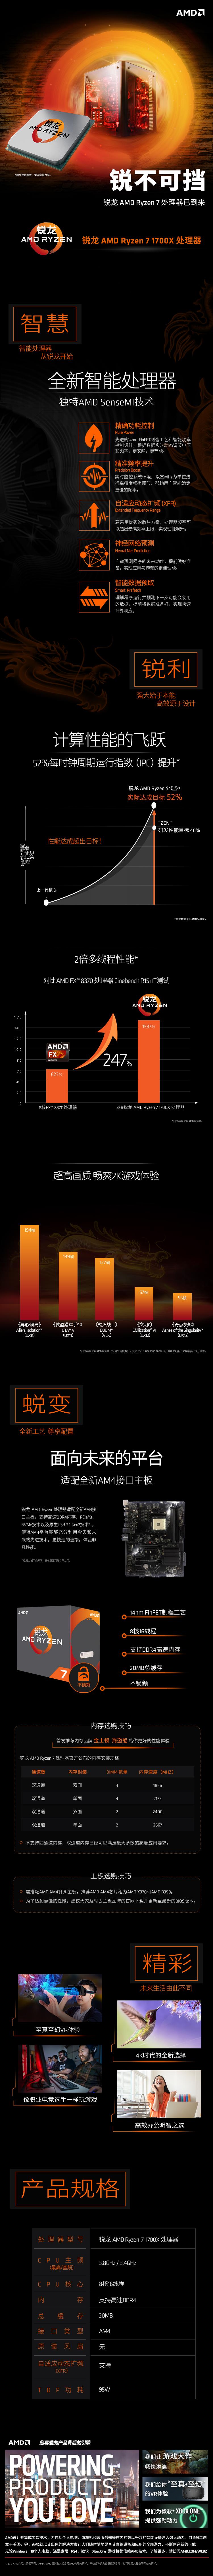 锐龙 AMD Ryzen 7 1700X 处理器 20170302V2.jpg